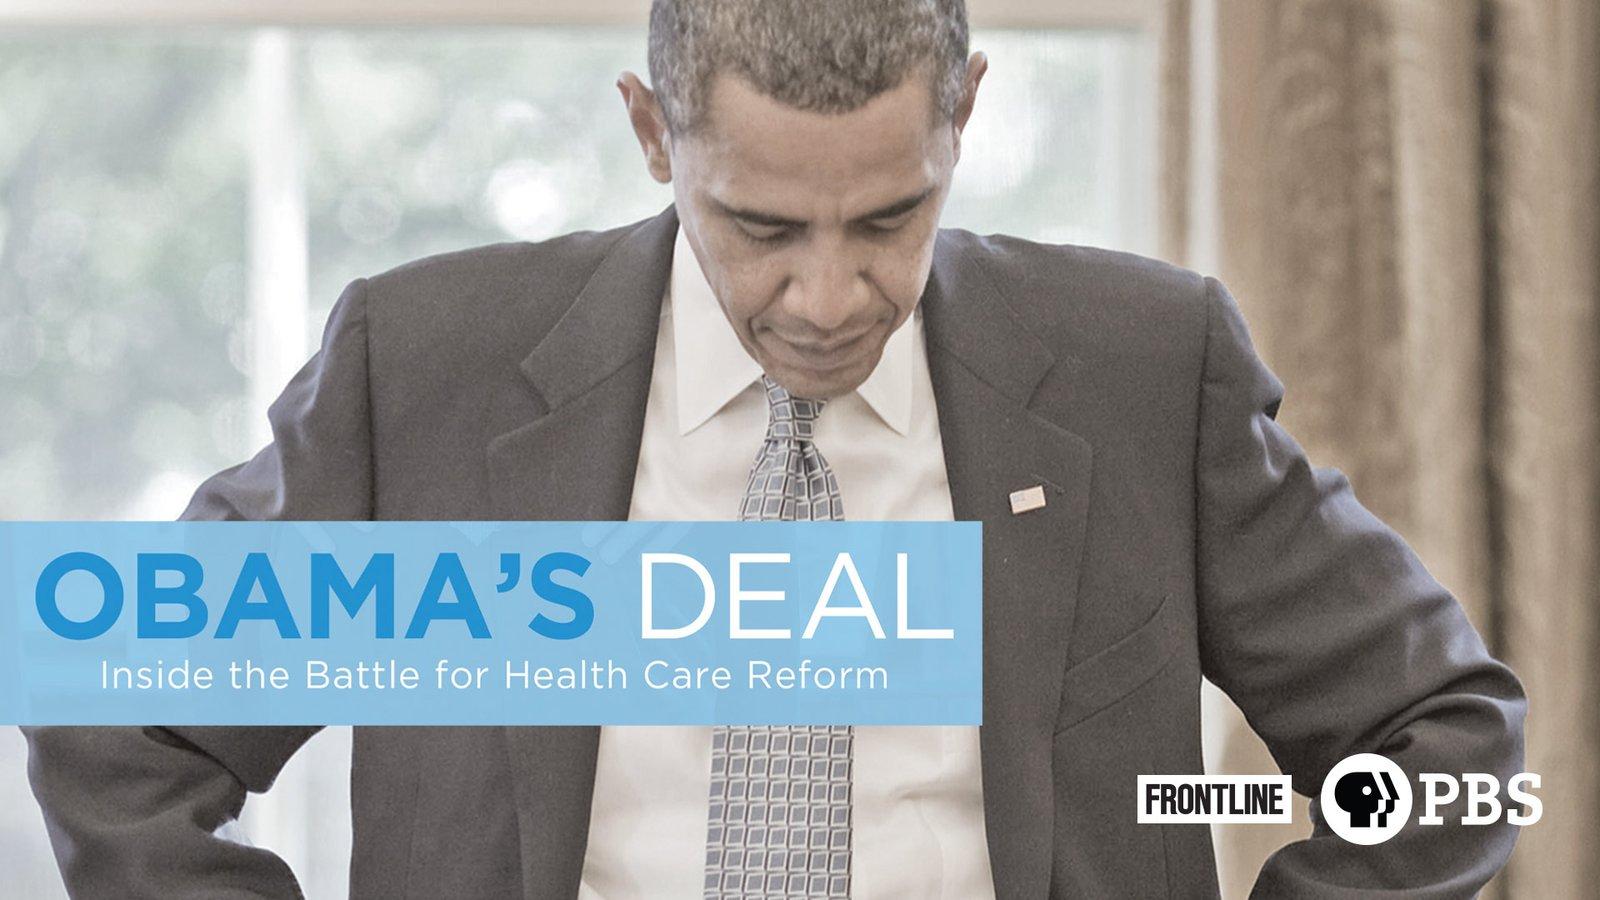 Frontline: Obama's Deal - Inside the Battle for Health Care Reform